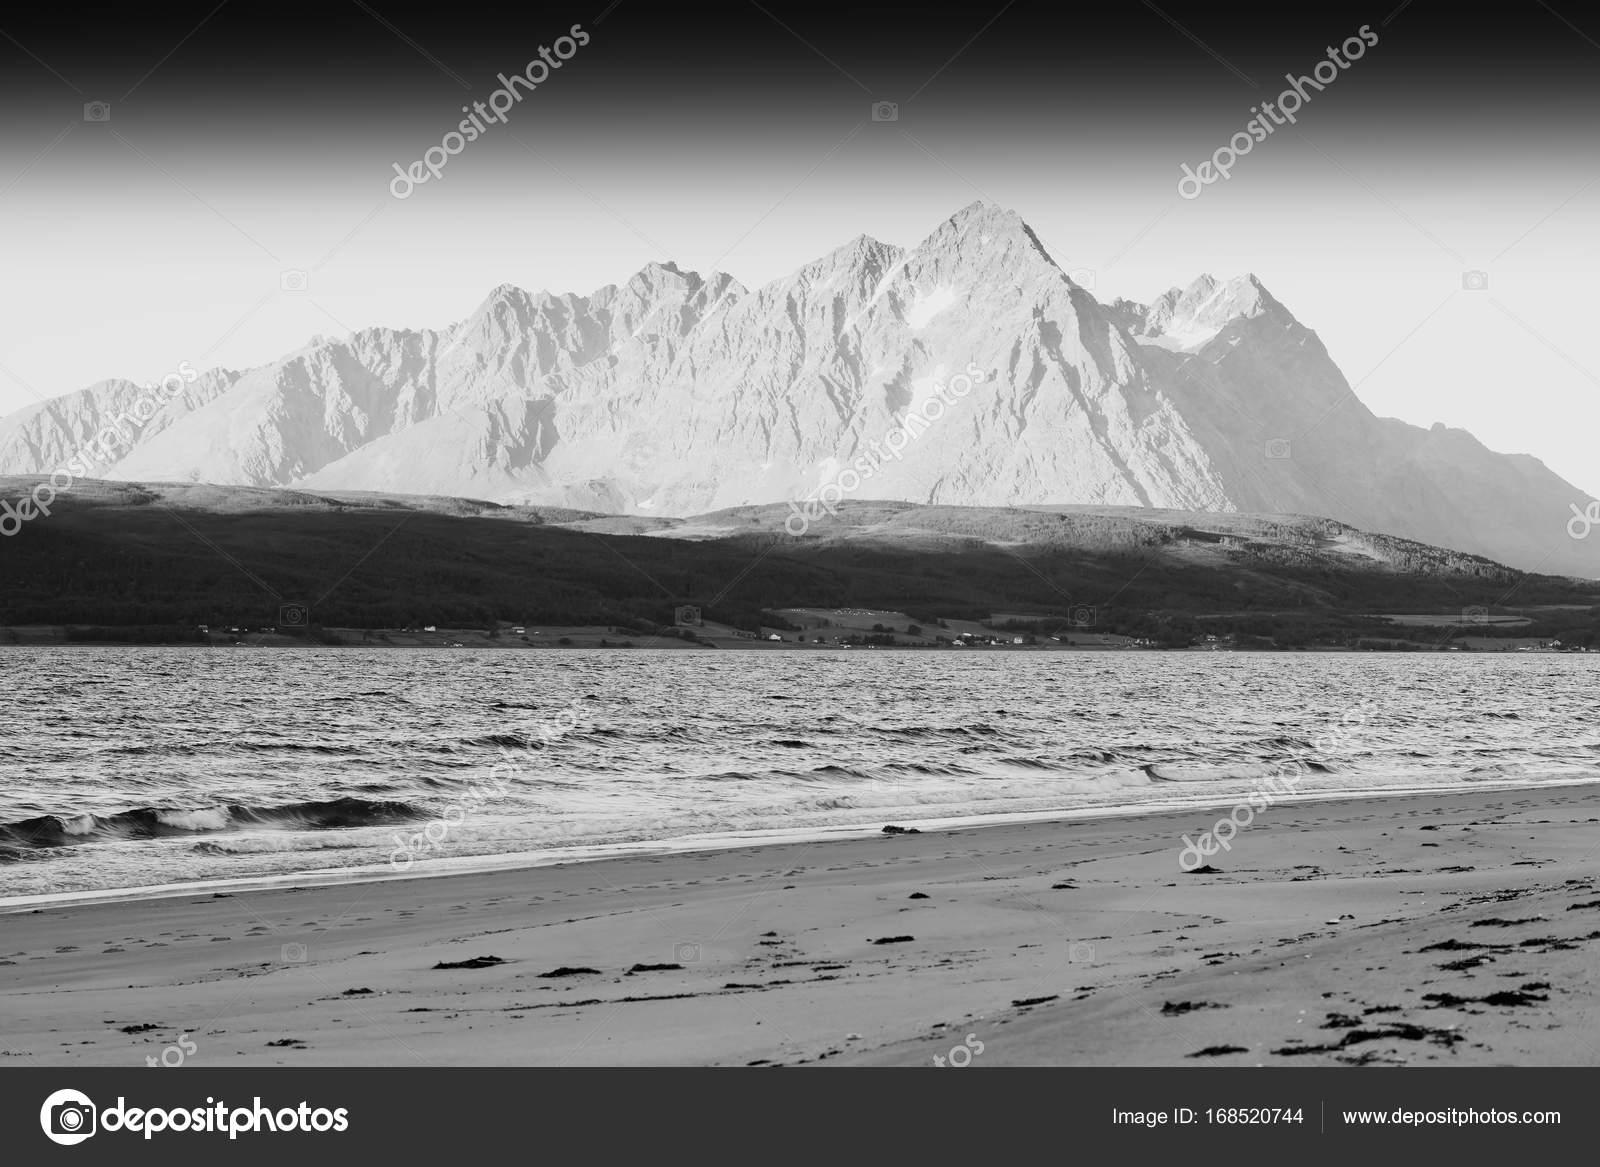 Sfondo Bianco E Nero Norvegia Mare Montagna Paesaggio Foto Stock